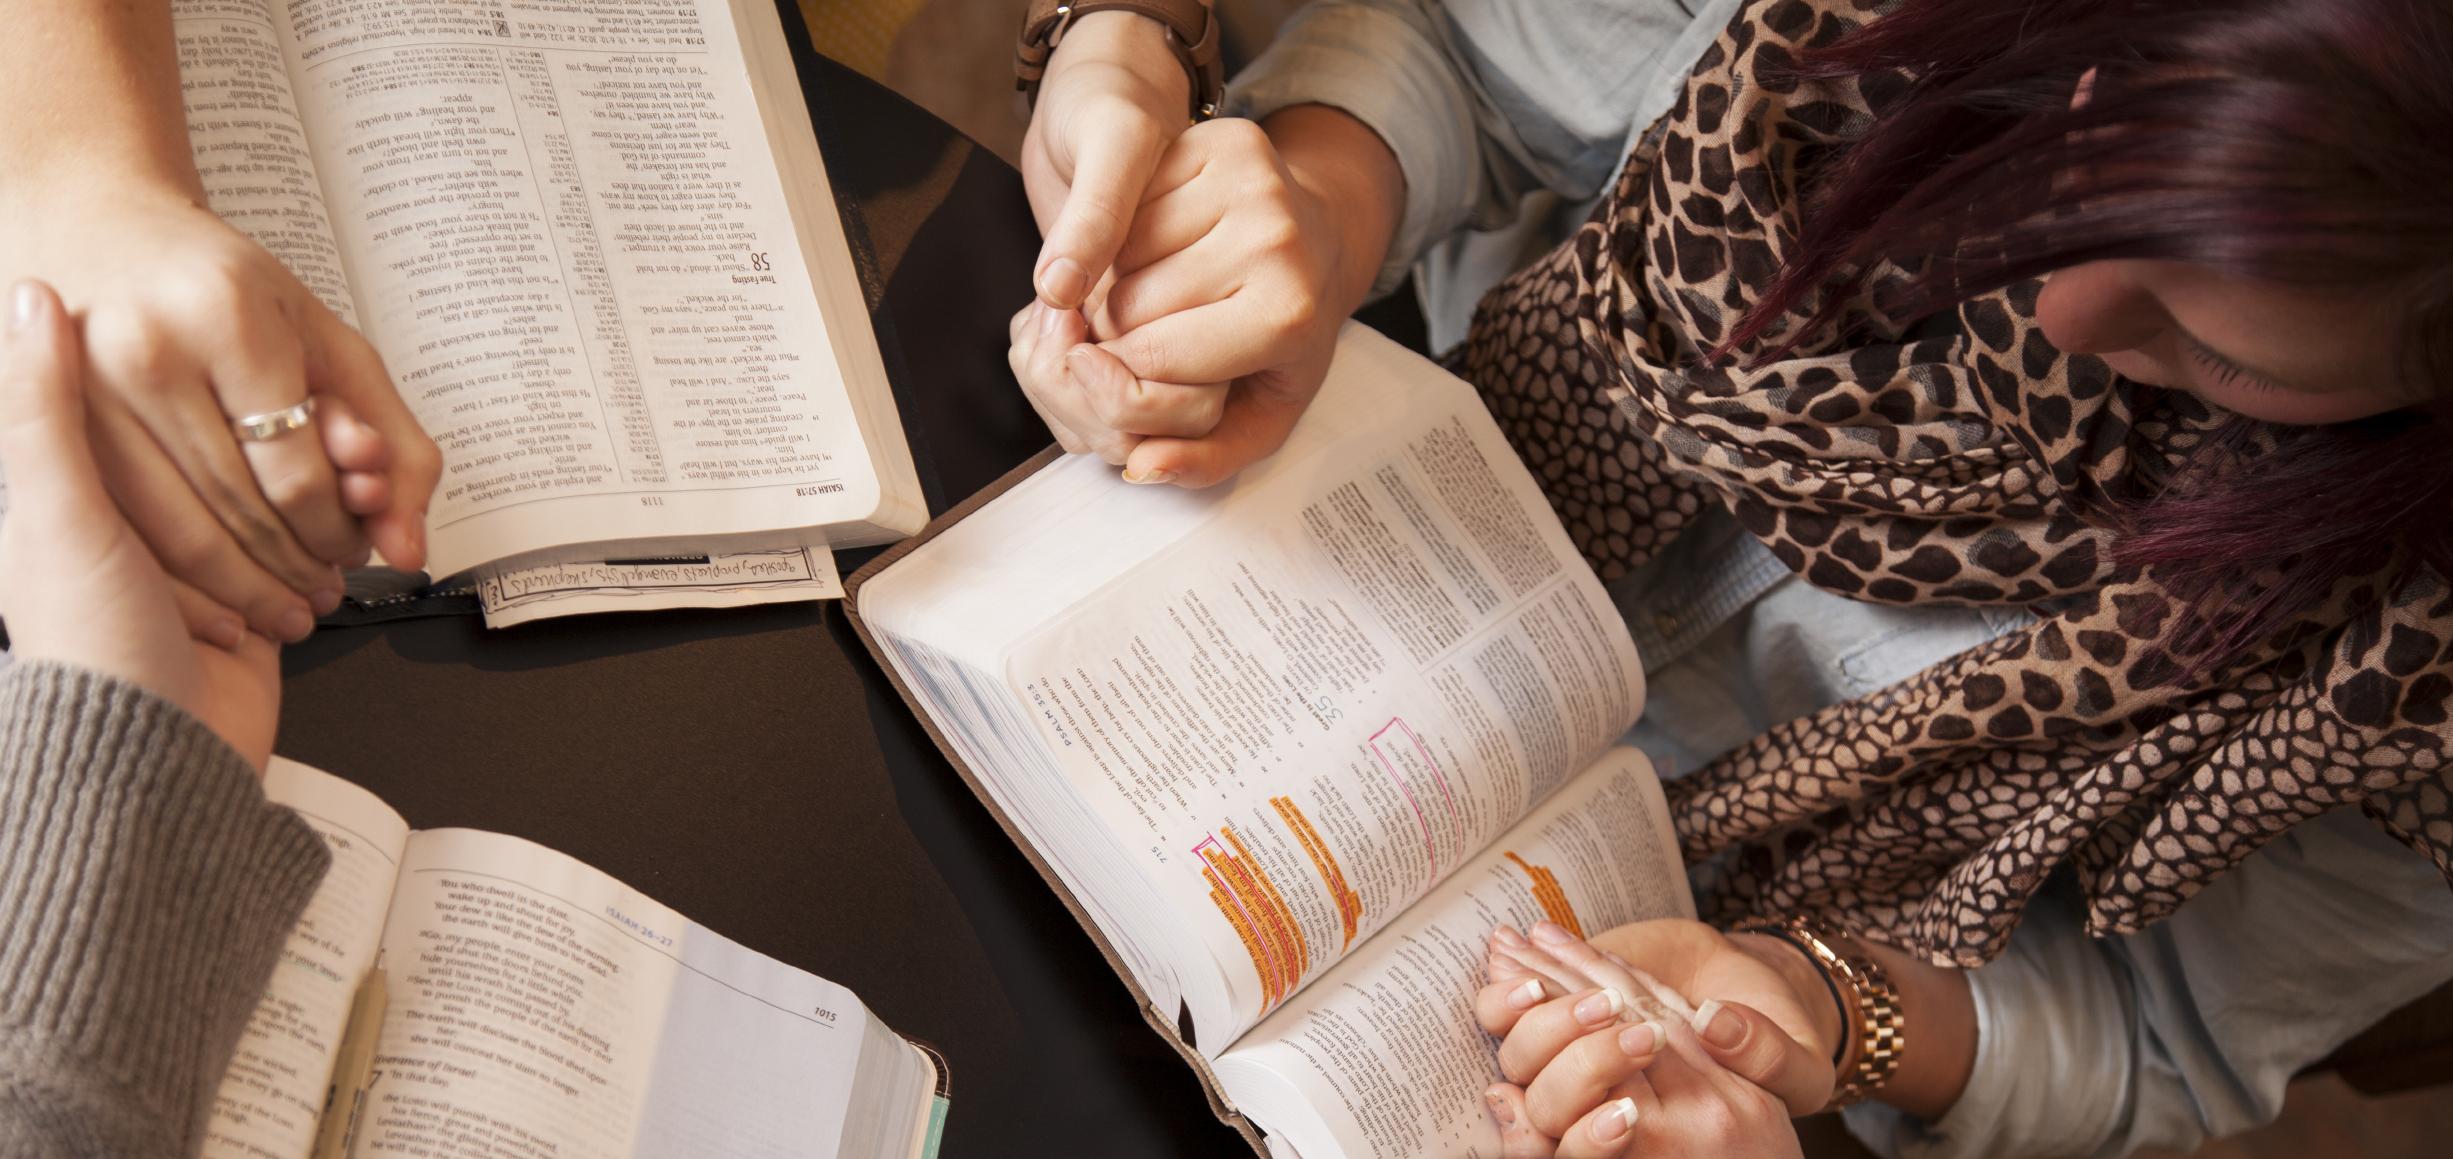 Praying together.